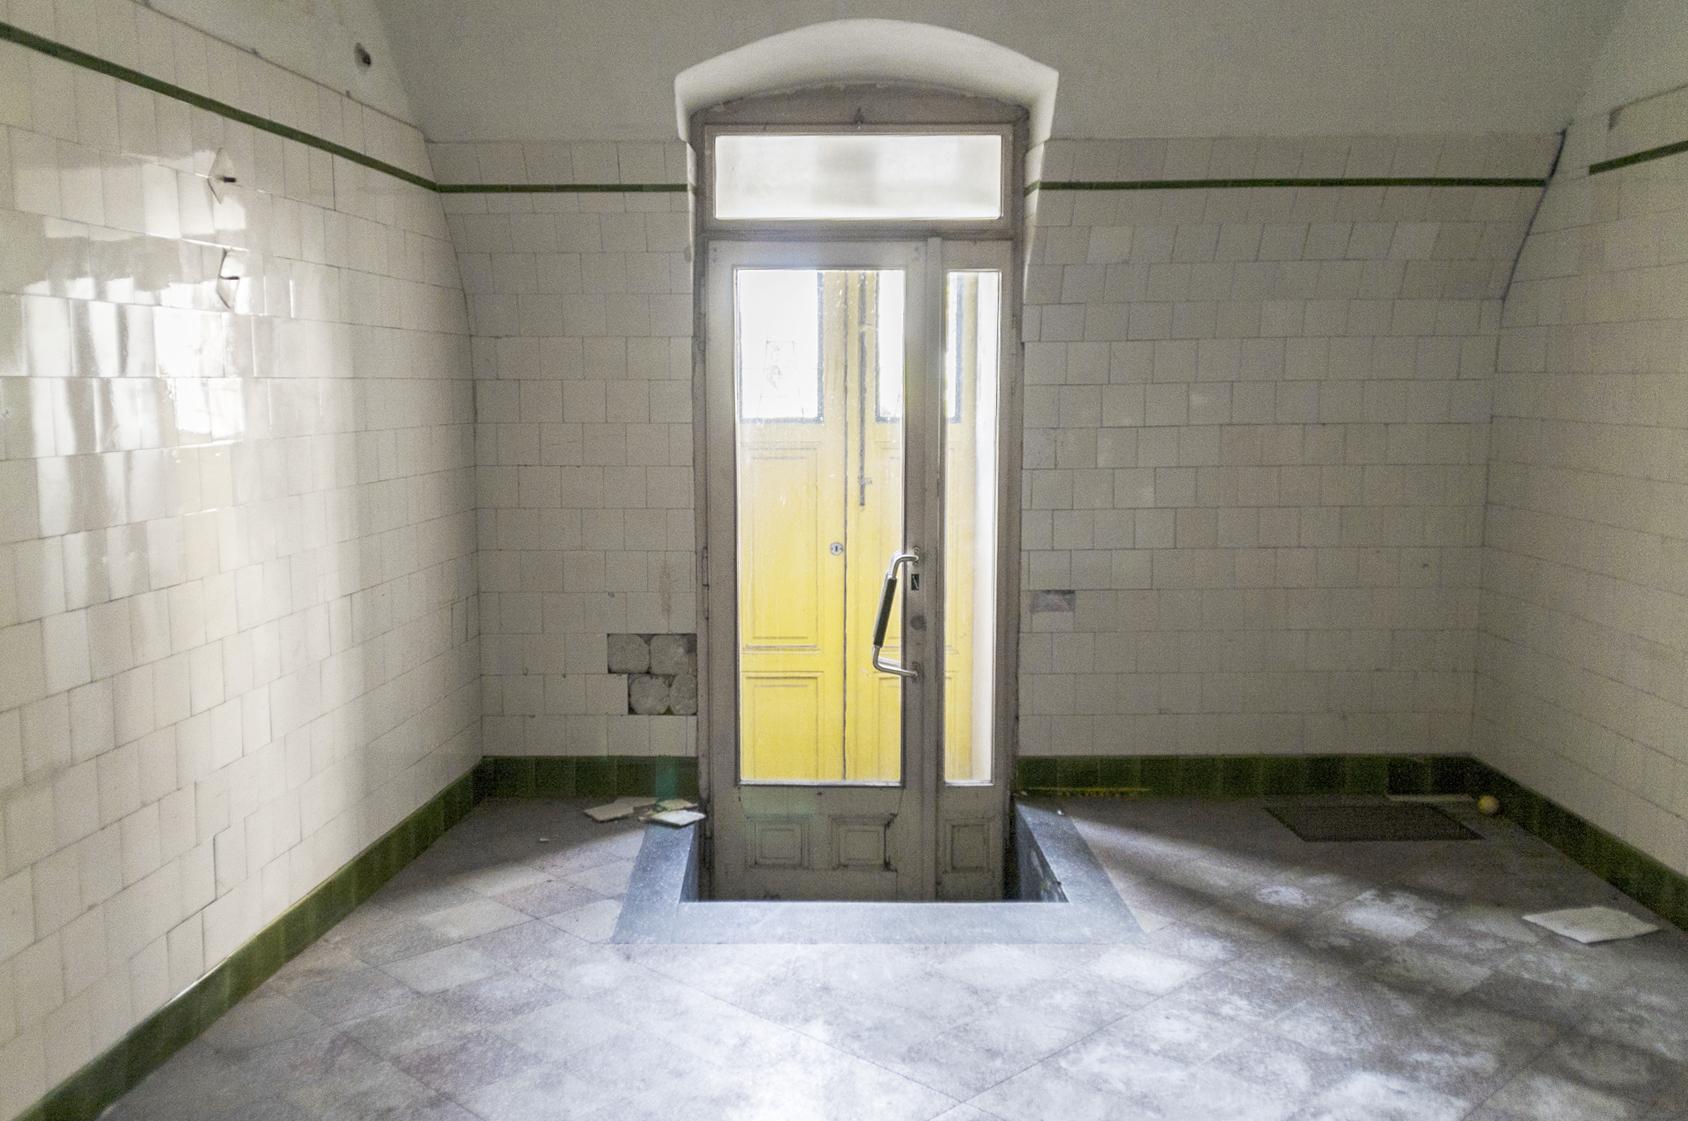 Noch sind die Türen geschlossen. Bild: